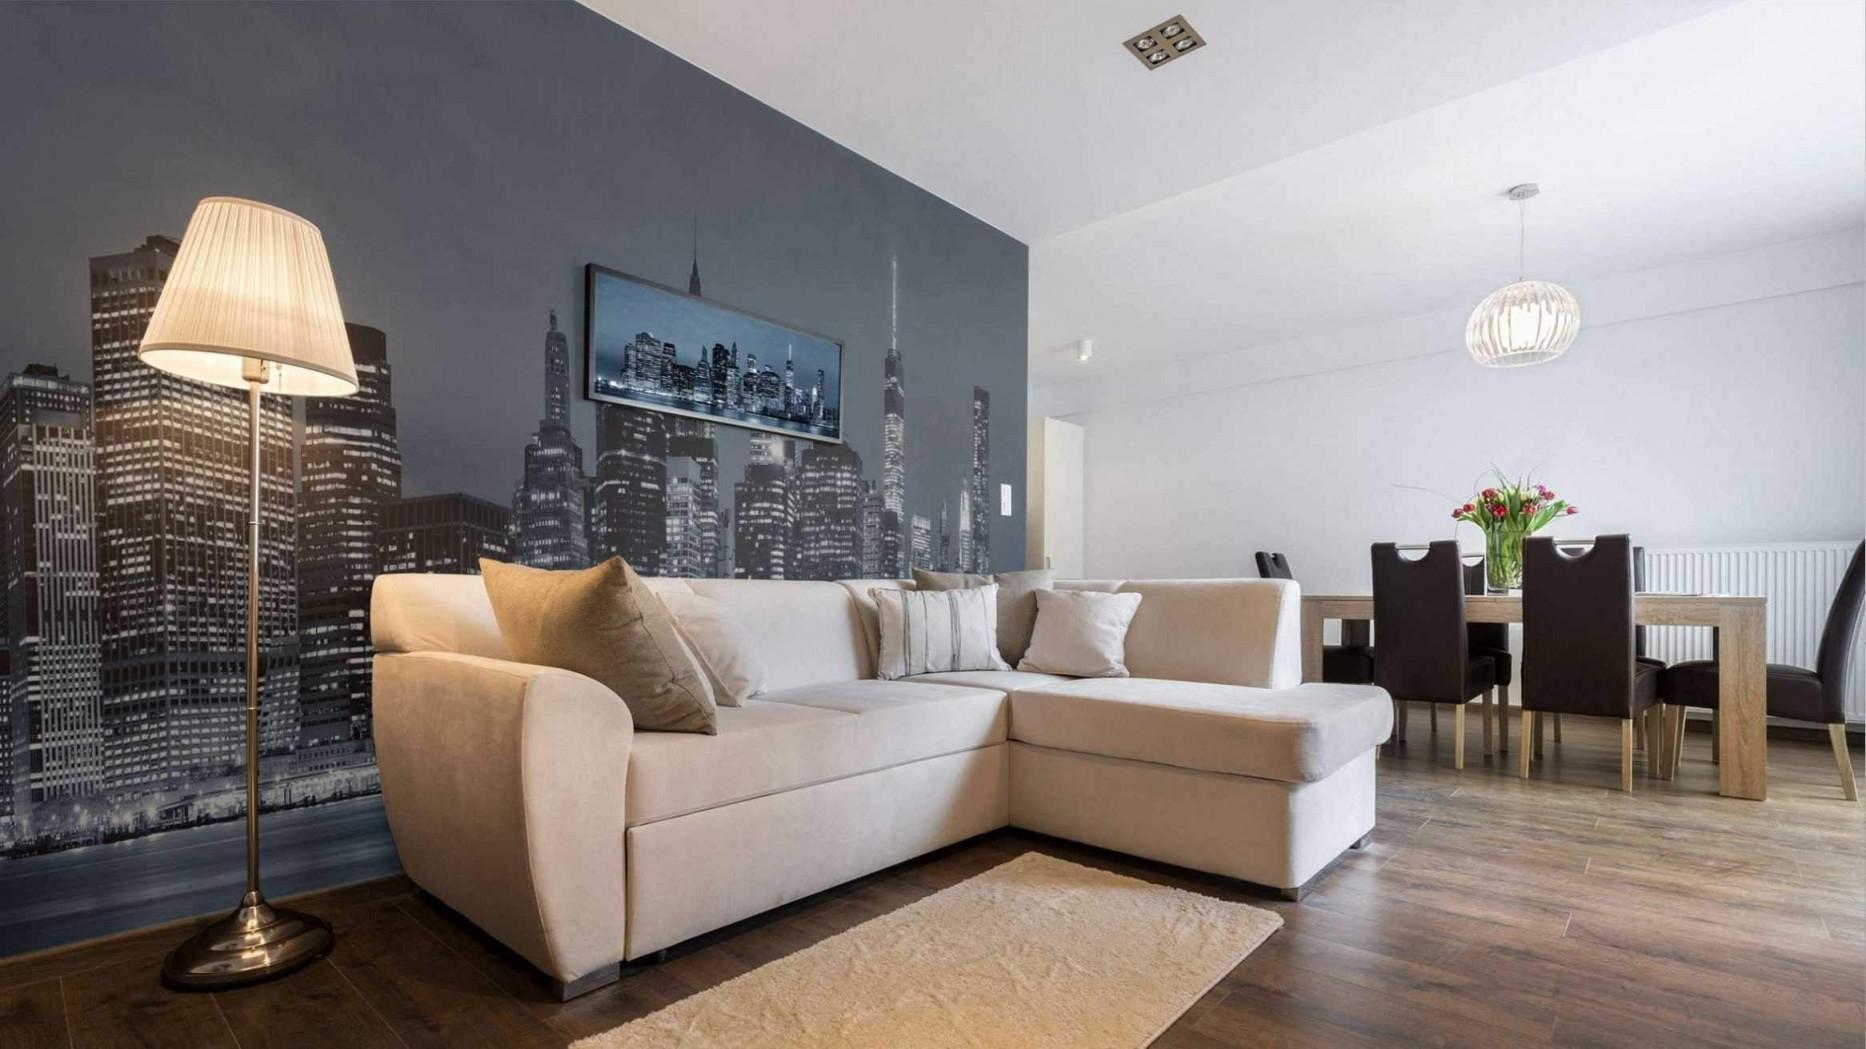 37 Neu Wohnzimmer Farben Ideen Frisch  Wohnzimmer Frisch von Bilder Für Das Wohnzimmer Bild